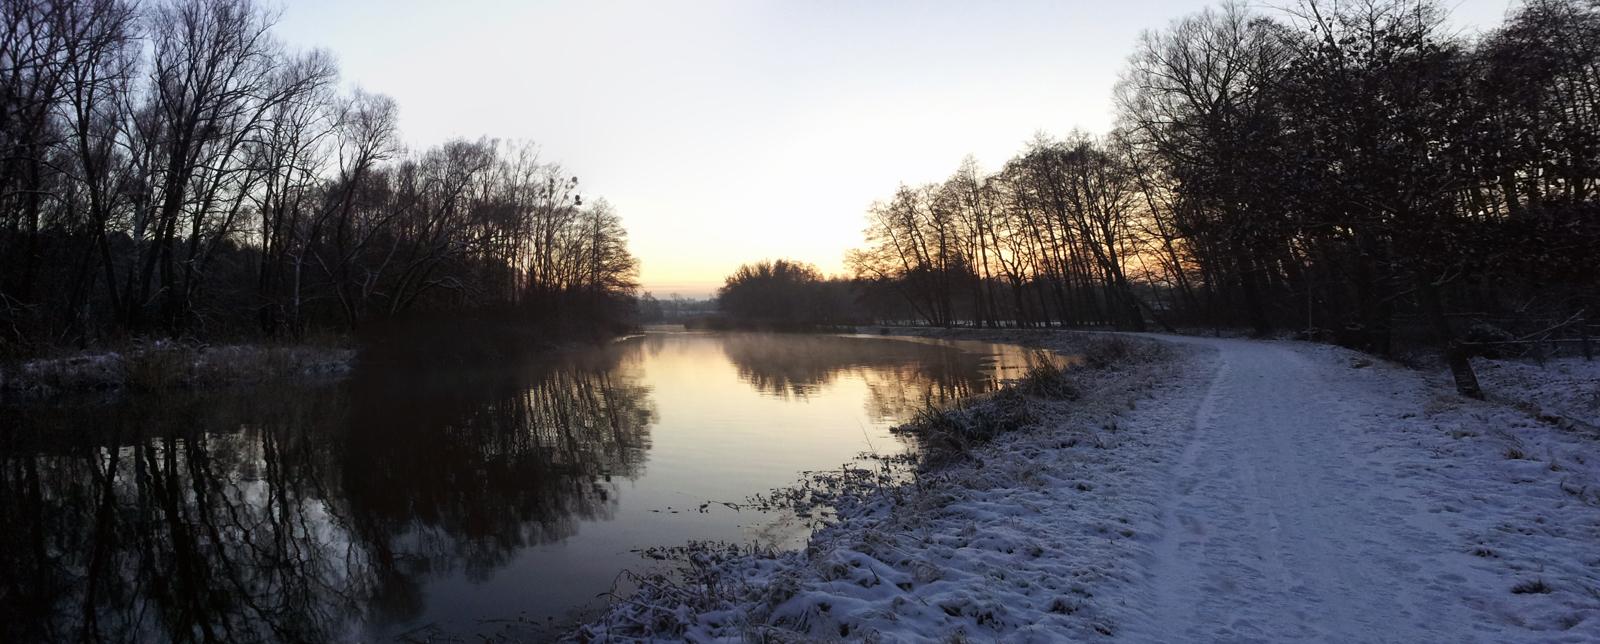 Wintereinbruch 2012 in Eberswalde